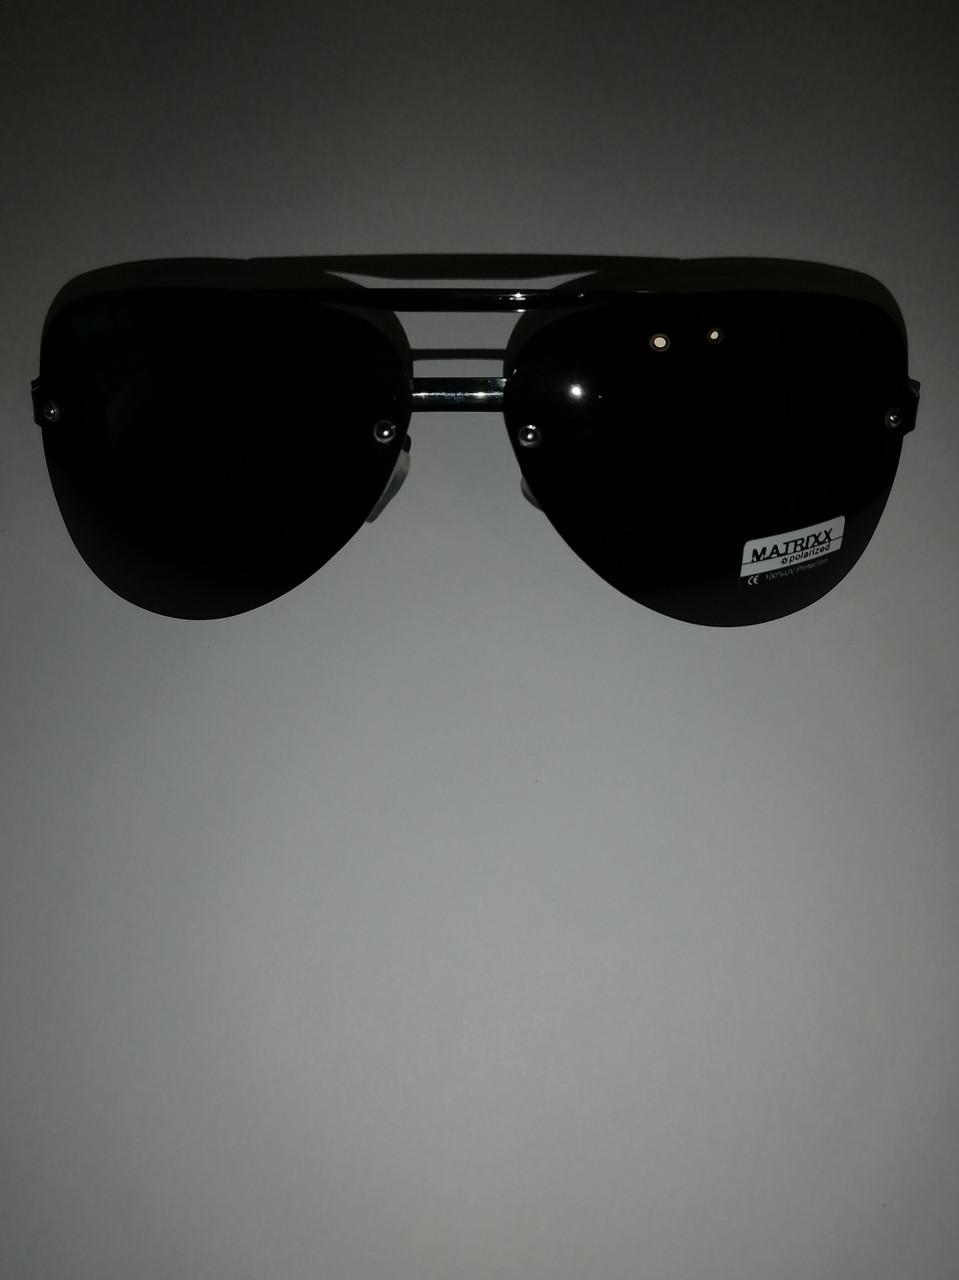 Солнцезащитные очки, капля матрикс